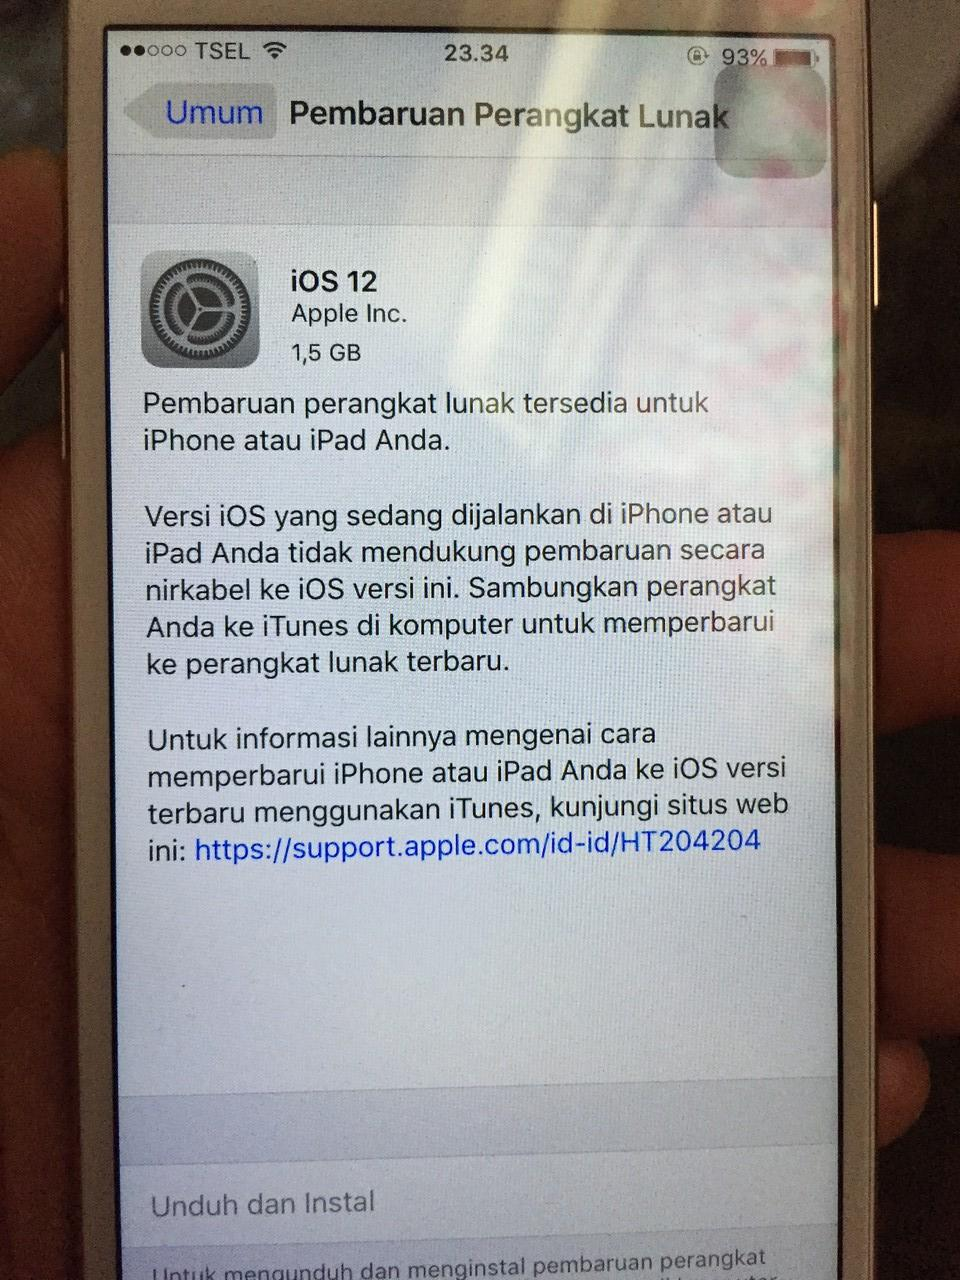 Gak bisa update & instal iOS dari 9.3.4 ke 12.1